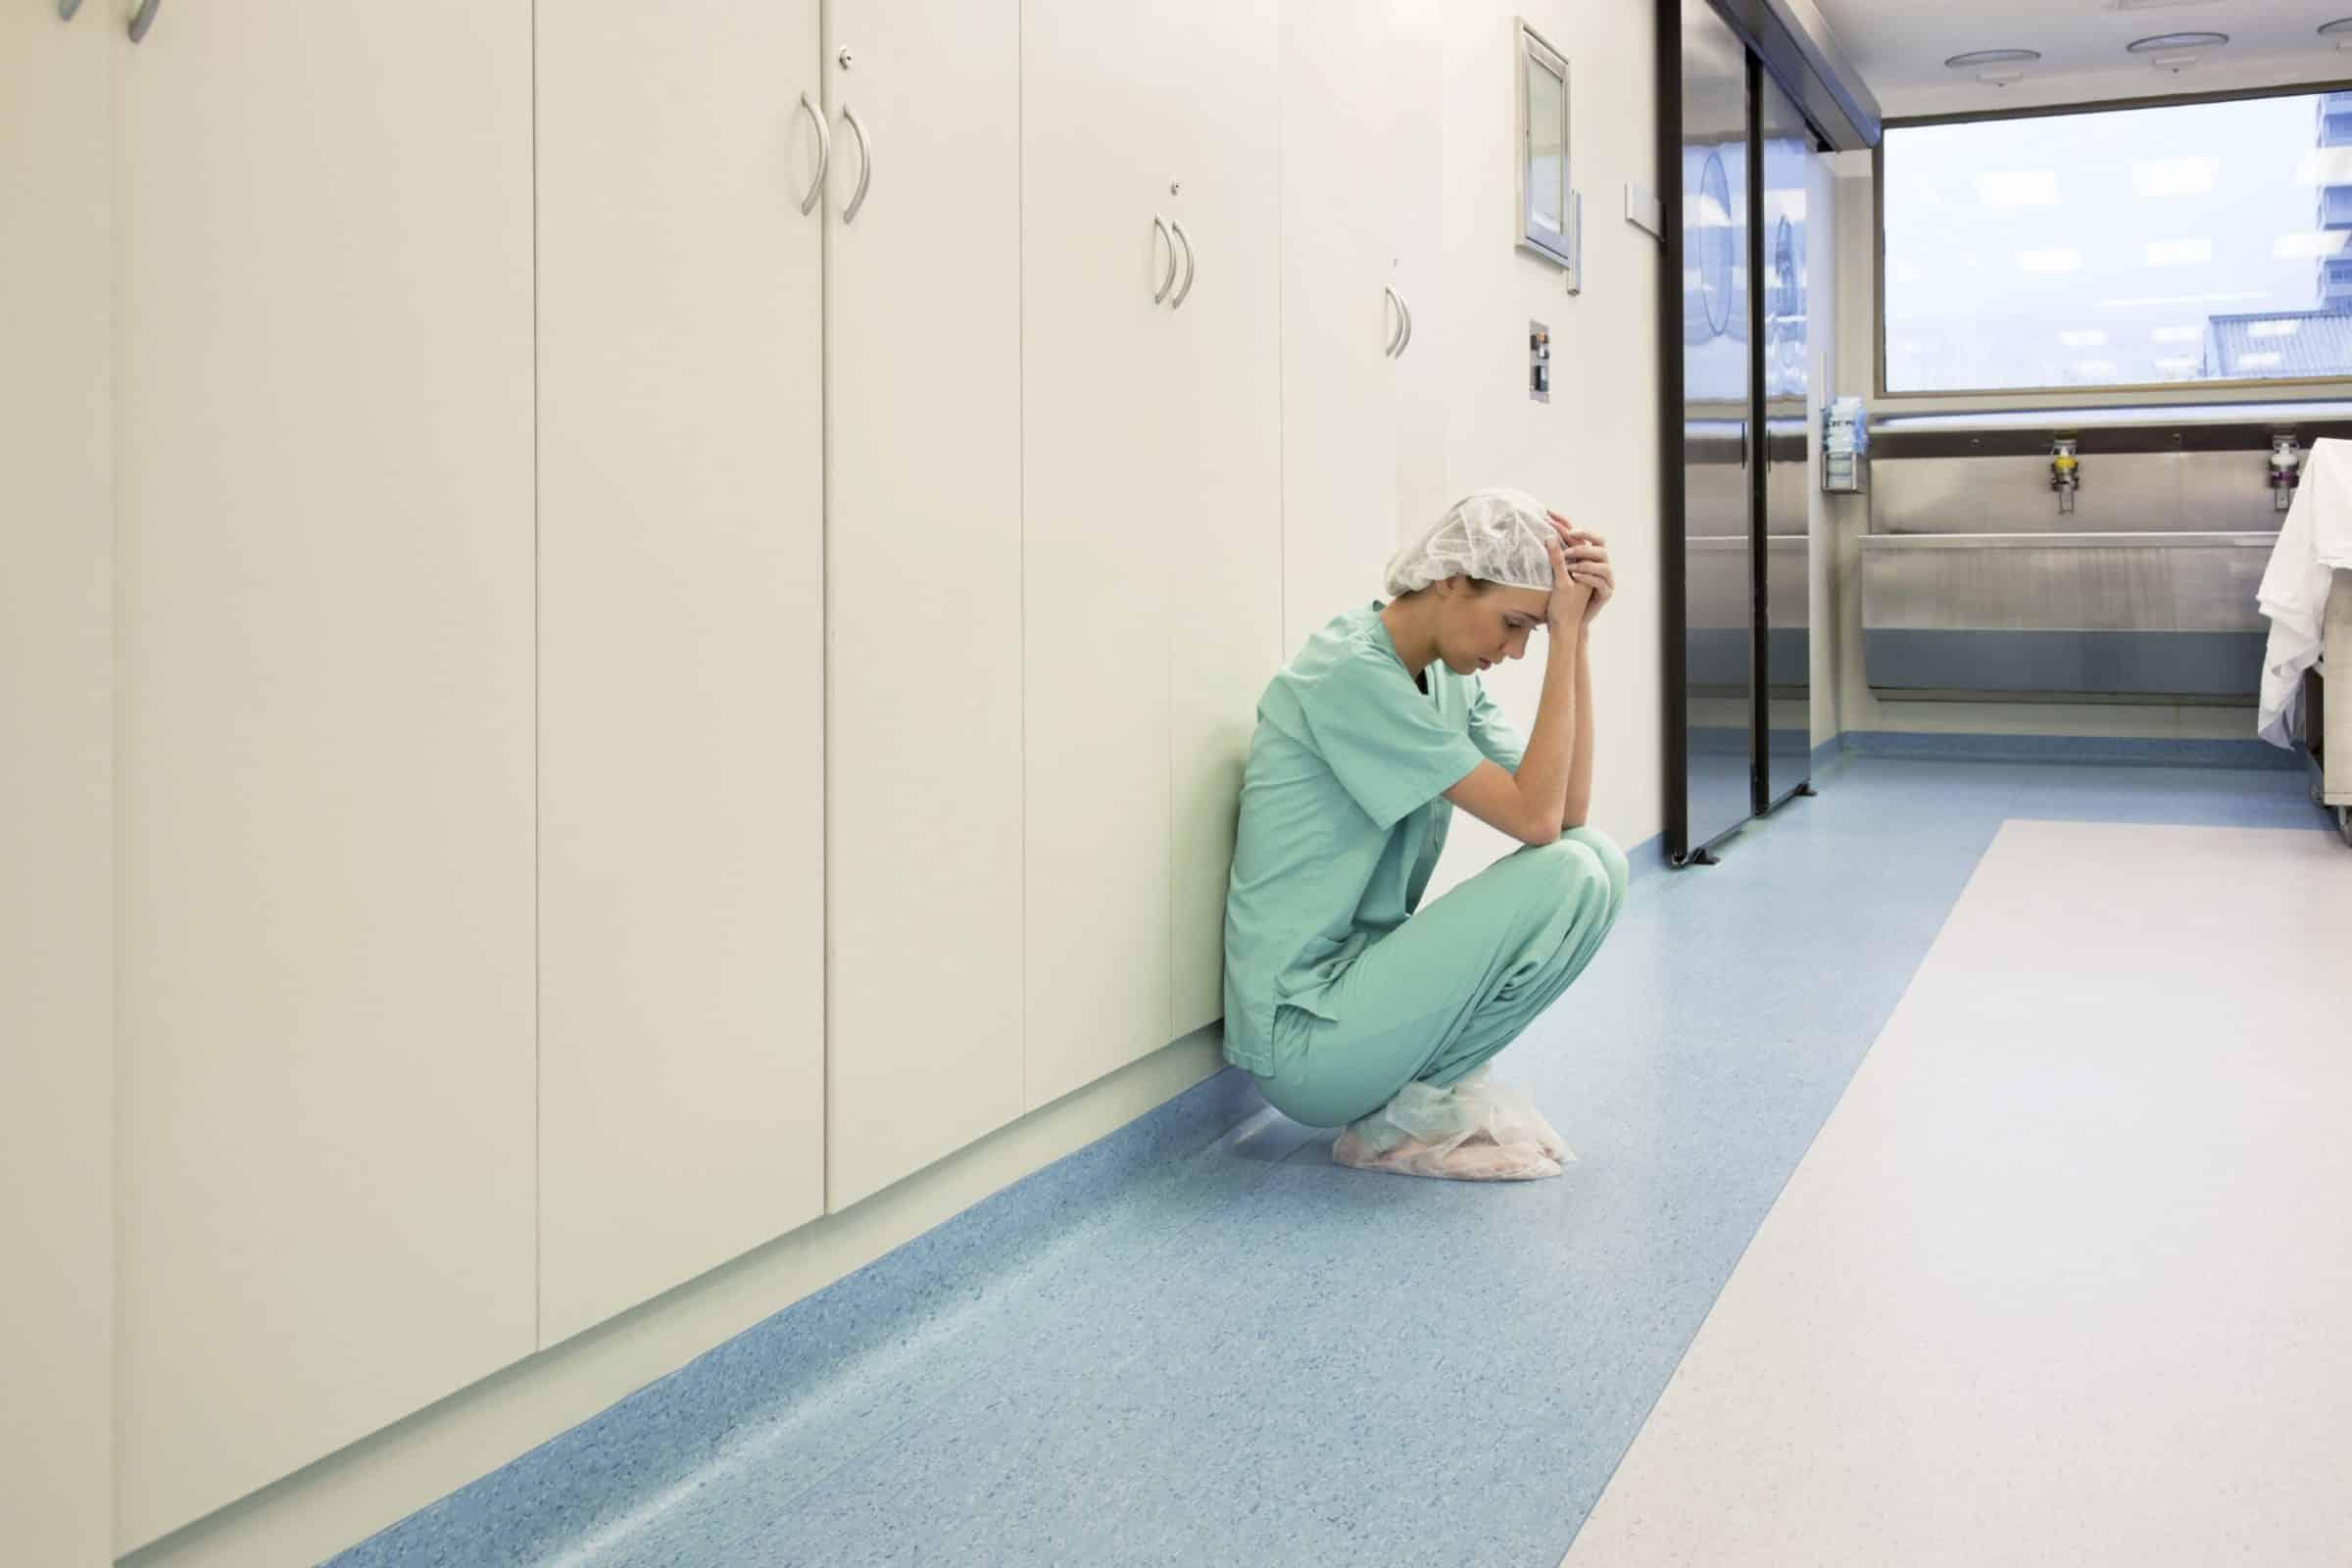 Ces Maux Qui Touchent Les Soignants Infirmière Aide